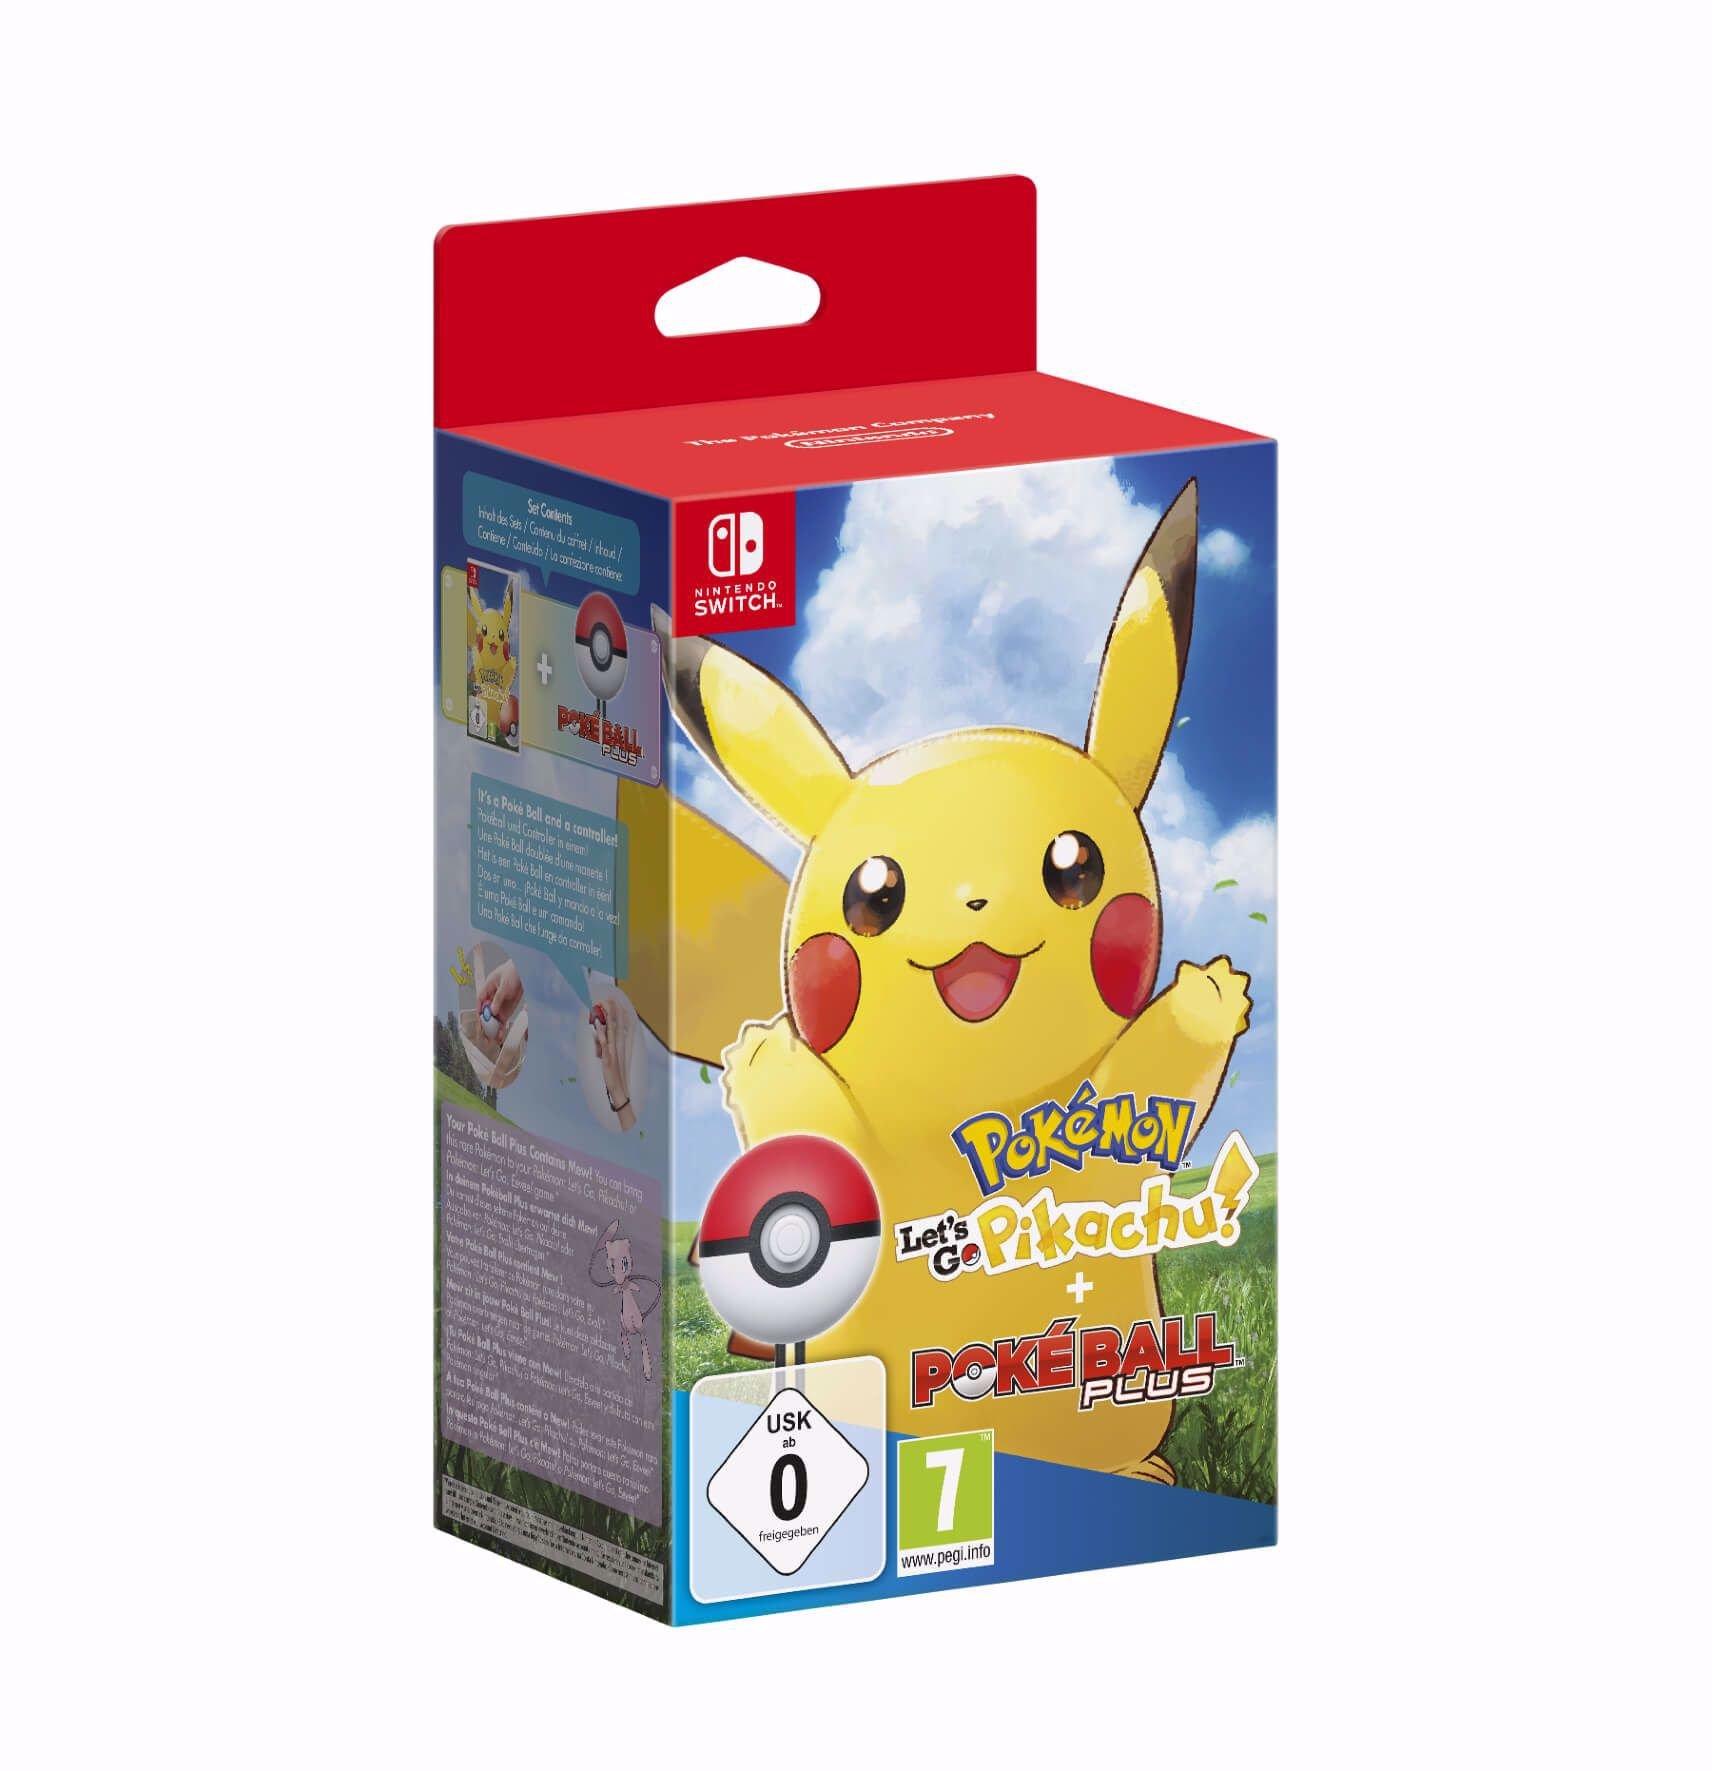 Pokemon Letâs Go Pikachu + PokeBall Plus Switch